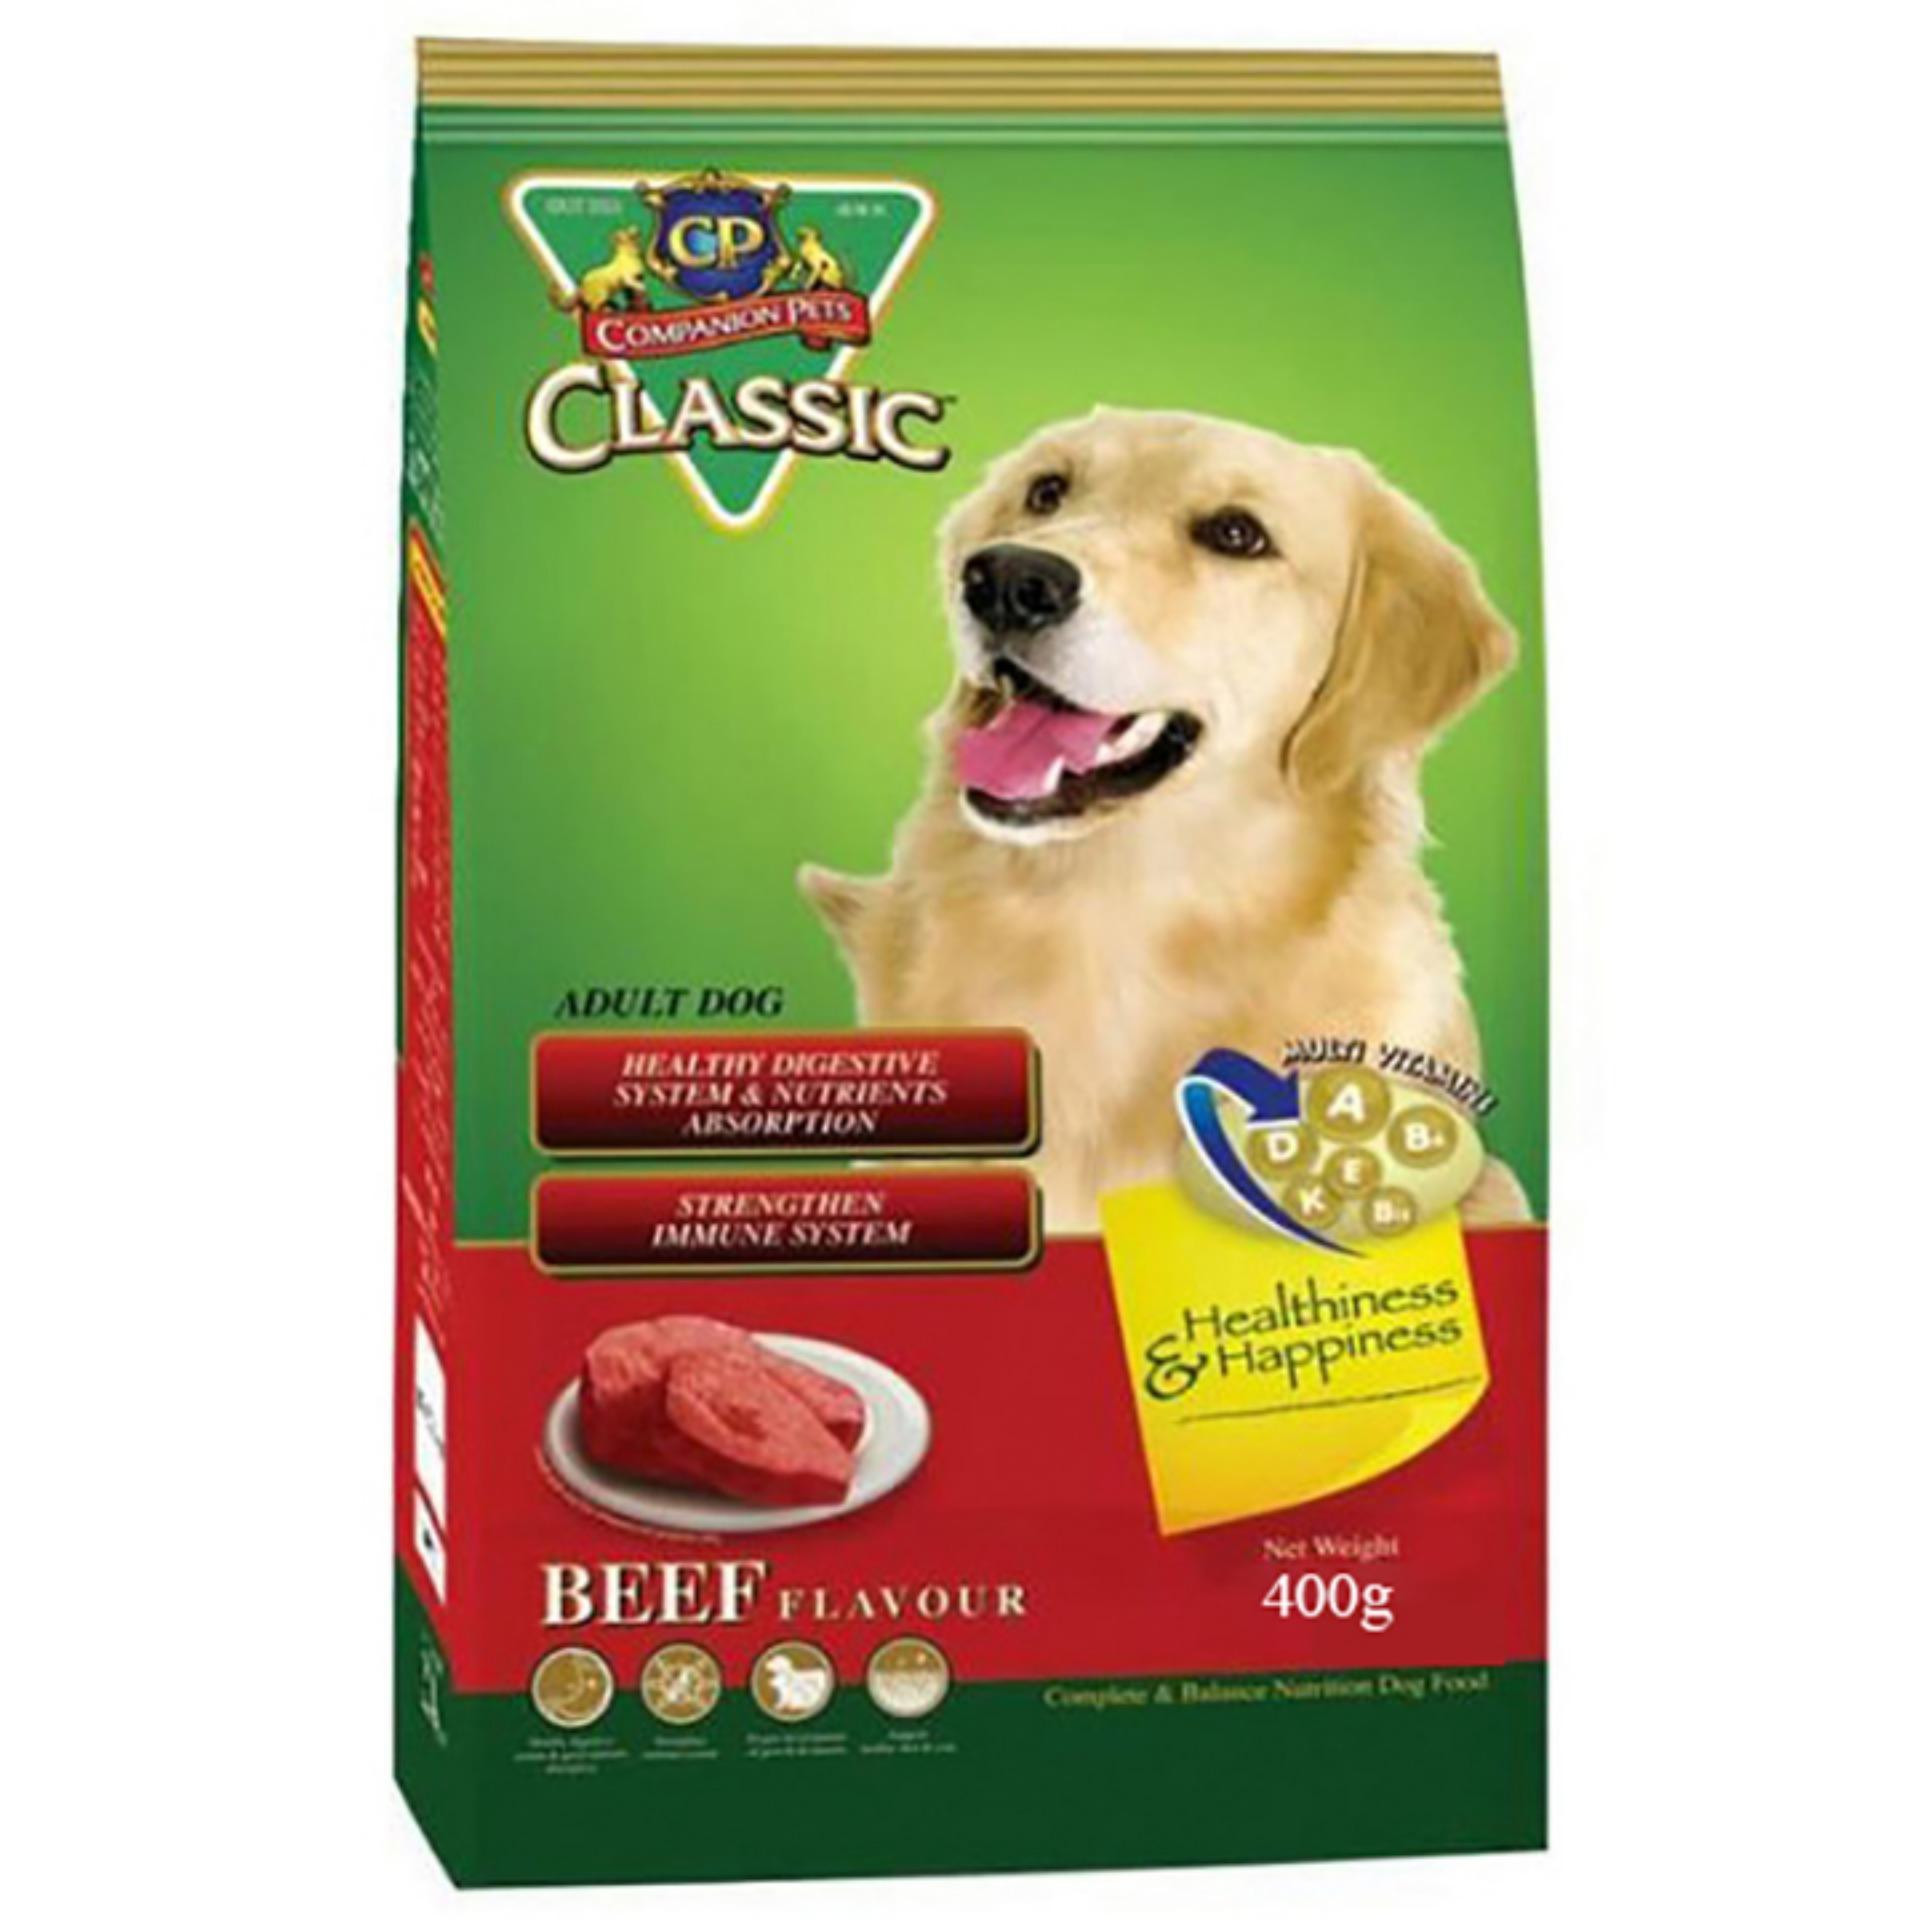 Thức ăn vị thịt bò nướng cho chó – Thức ăn cho chó lớn – Thức ăn cho chó CP Classic 400g